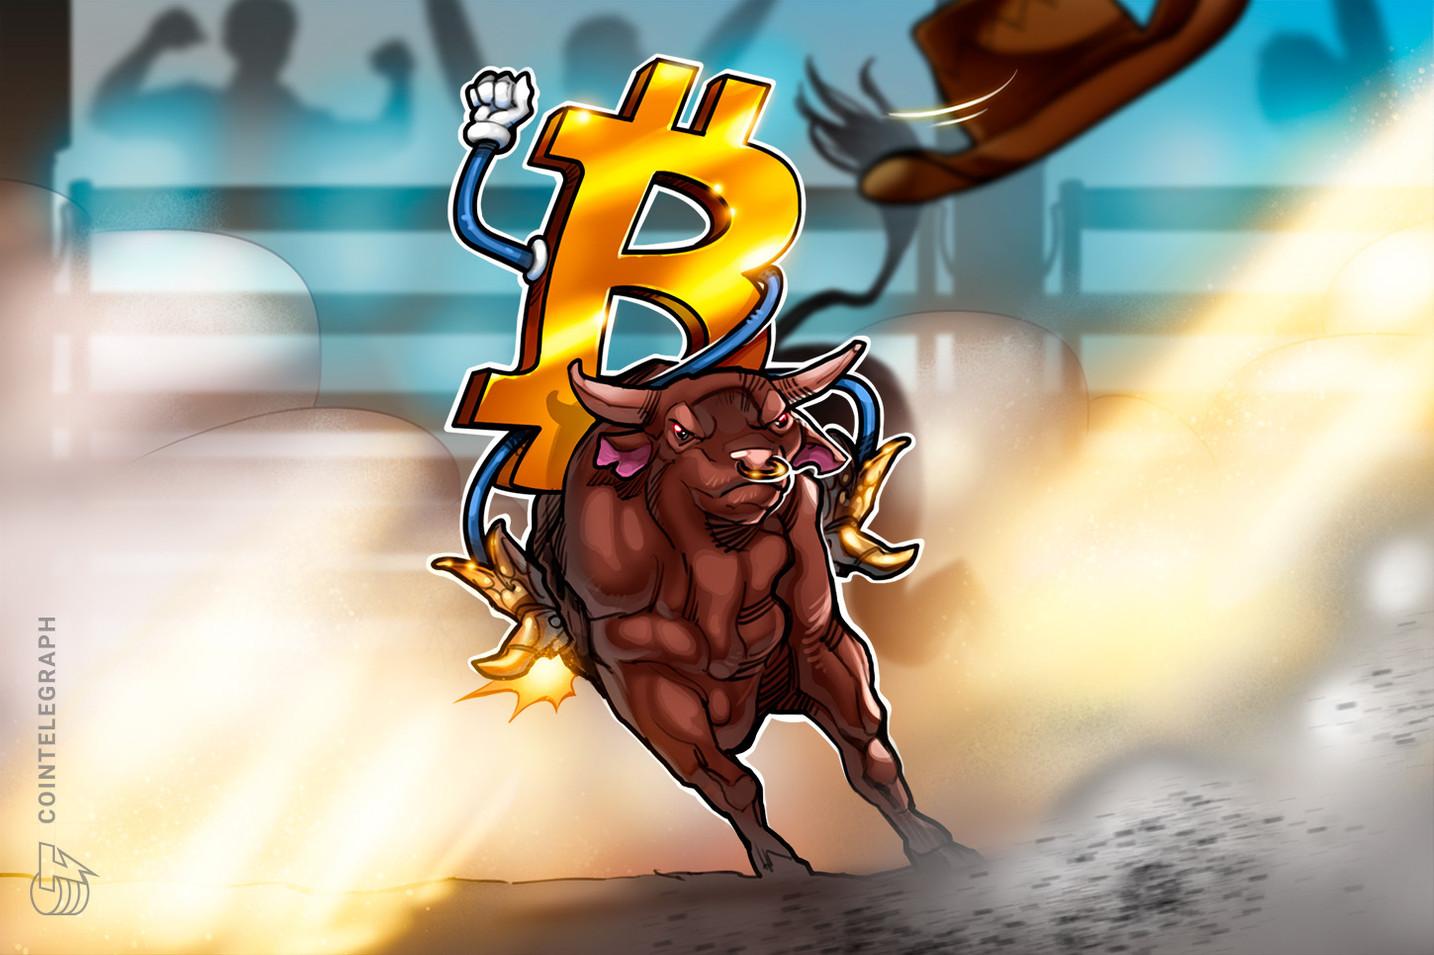 Kurumsal yatırımcı piyasada Bitcoin bırakmadı - BTC 37.700 doları gördü!